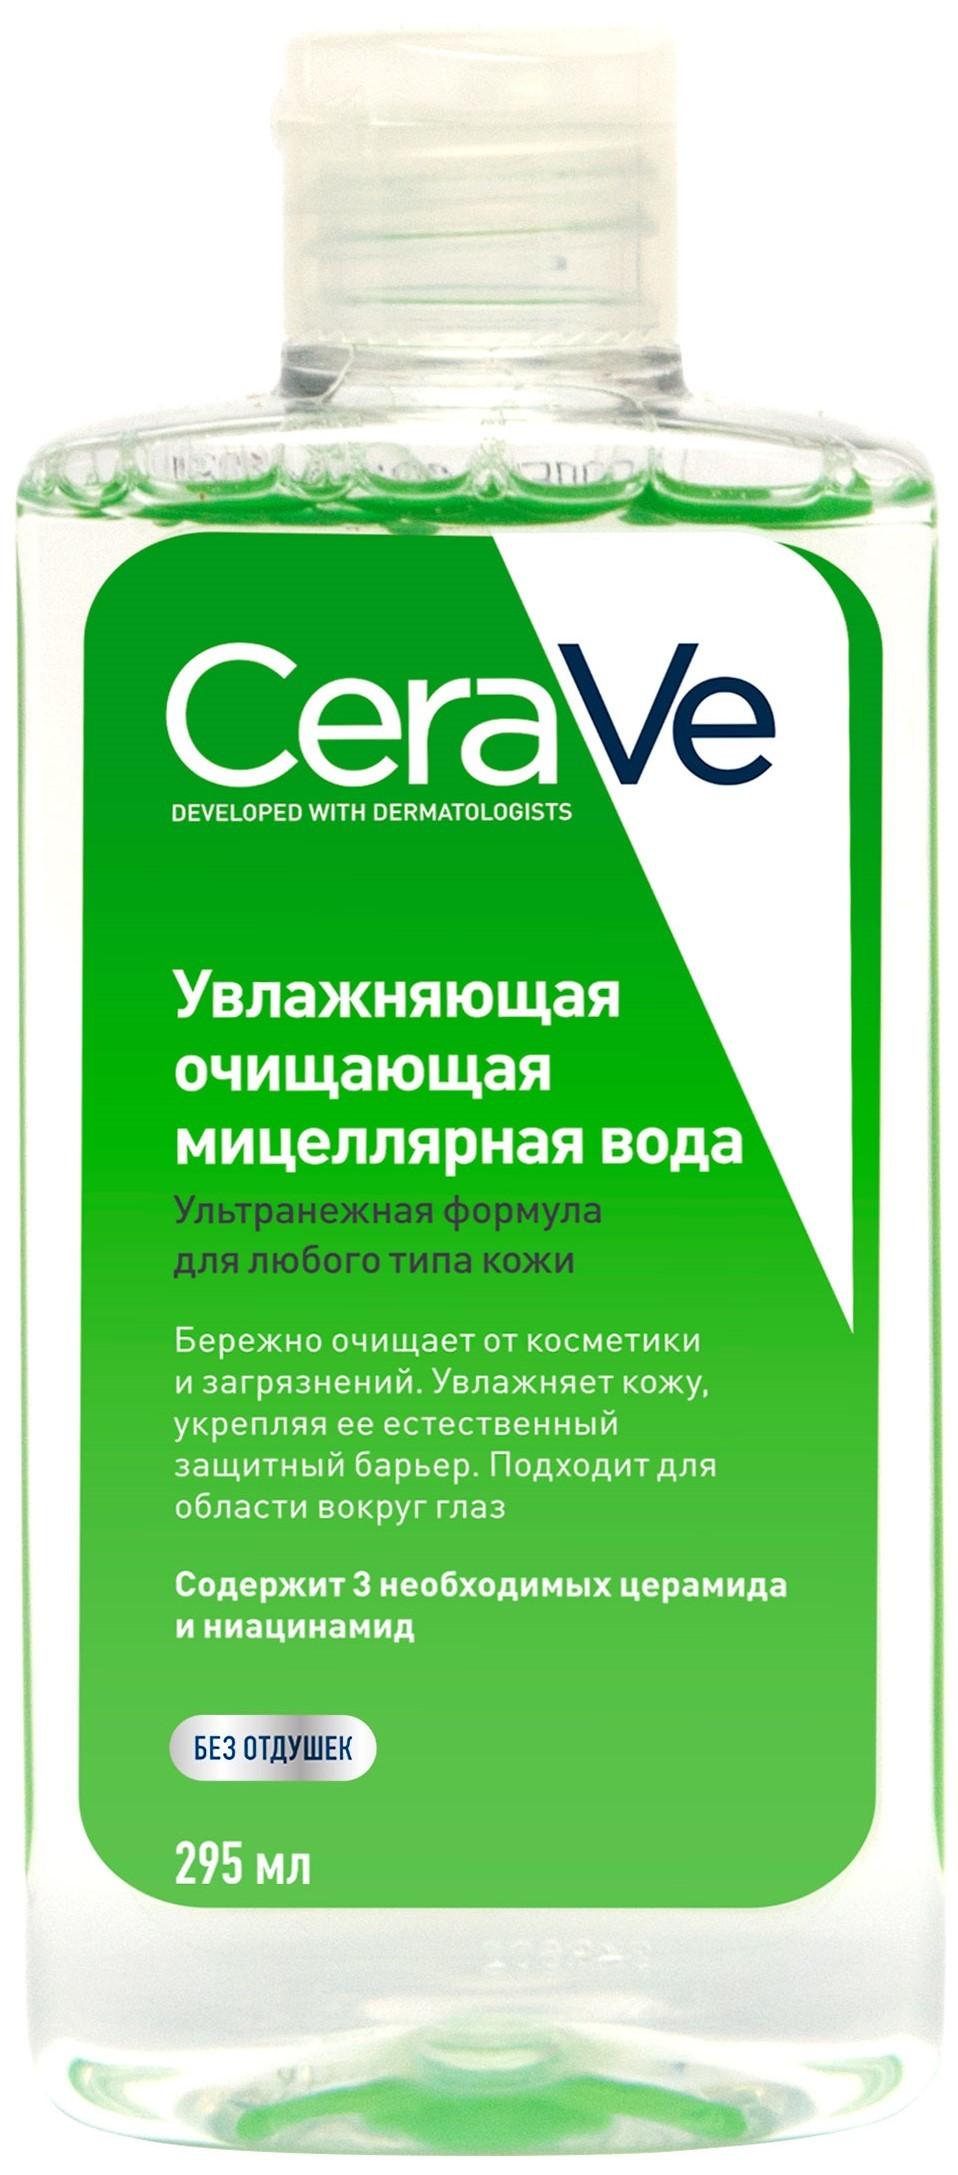 Увлажняющая очищающая мицеллярная вода для всех типов кожи 295мл (Цераве)